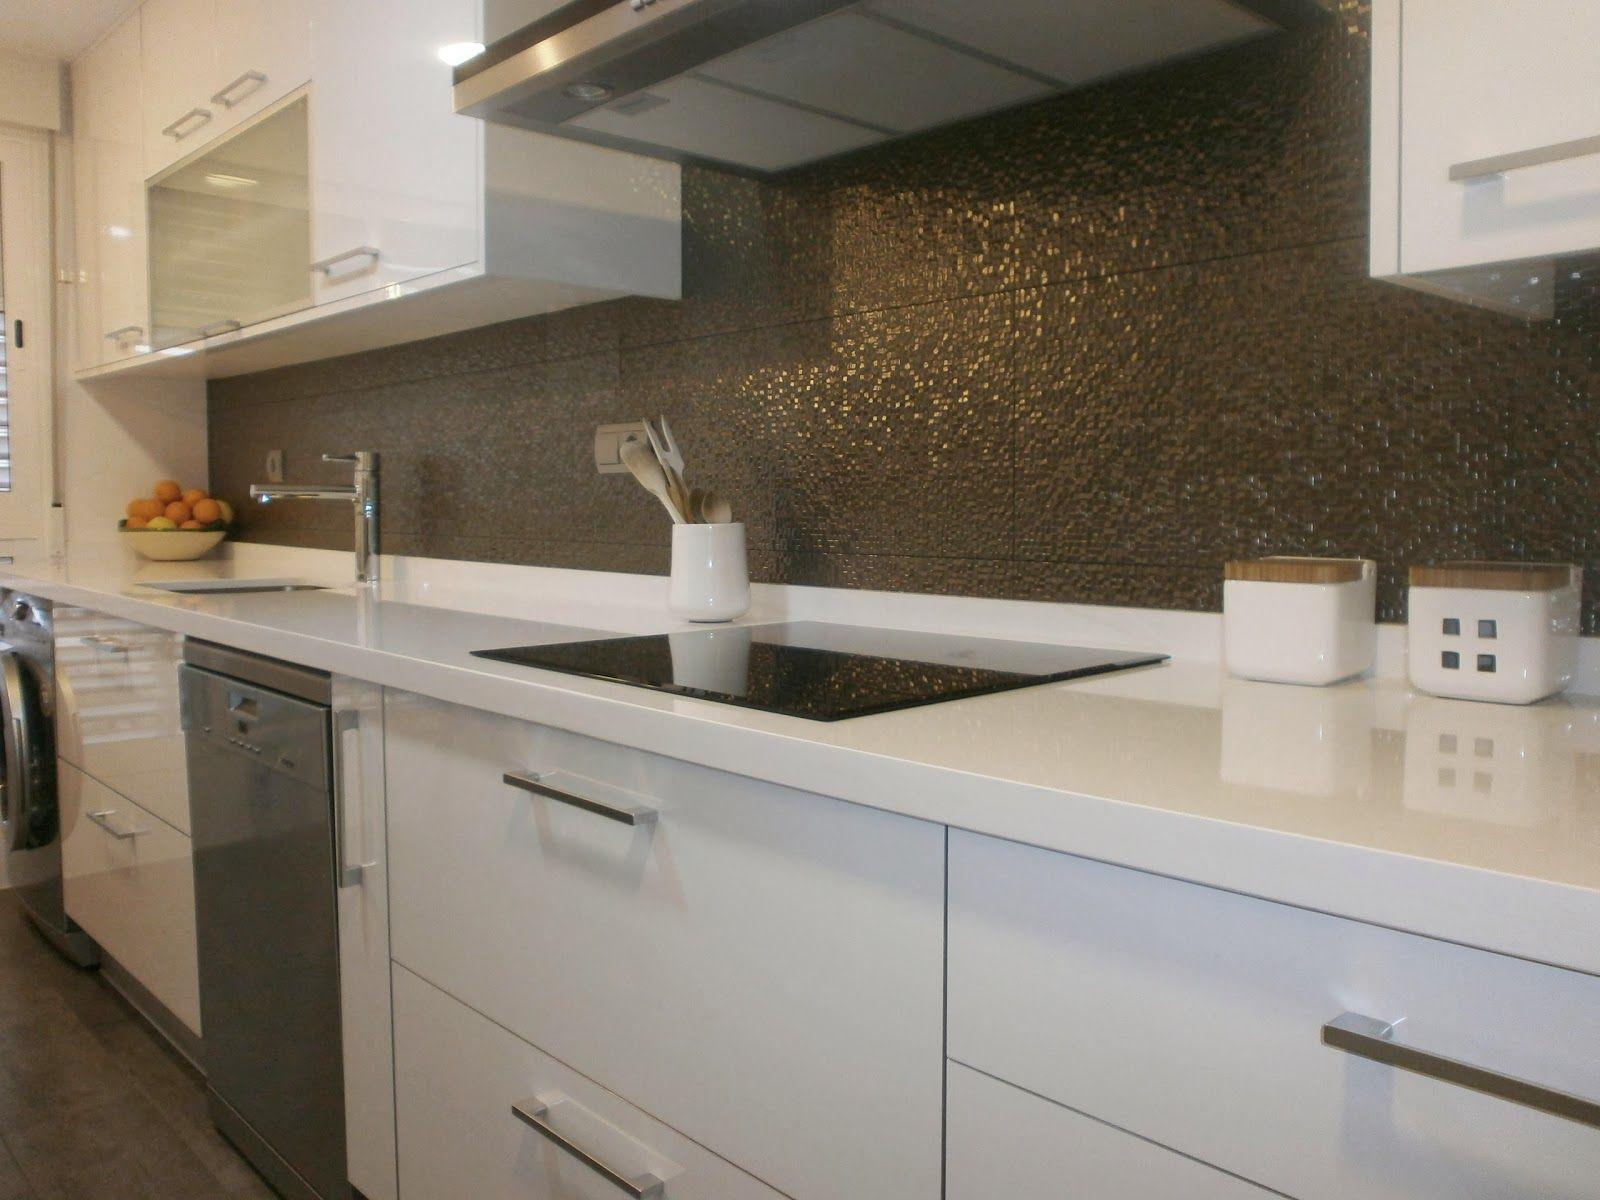 Cocinas lineales cocinas con estilo cocinas pinterest for Cocinas lineales